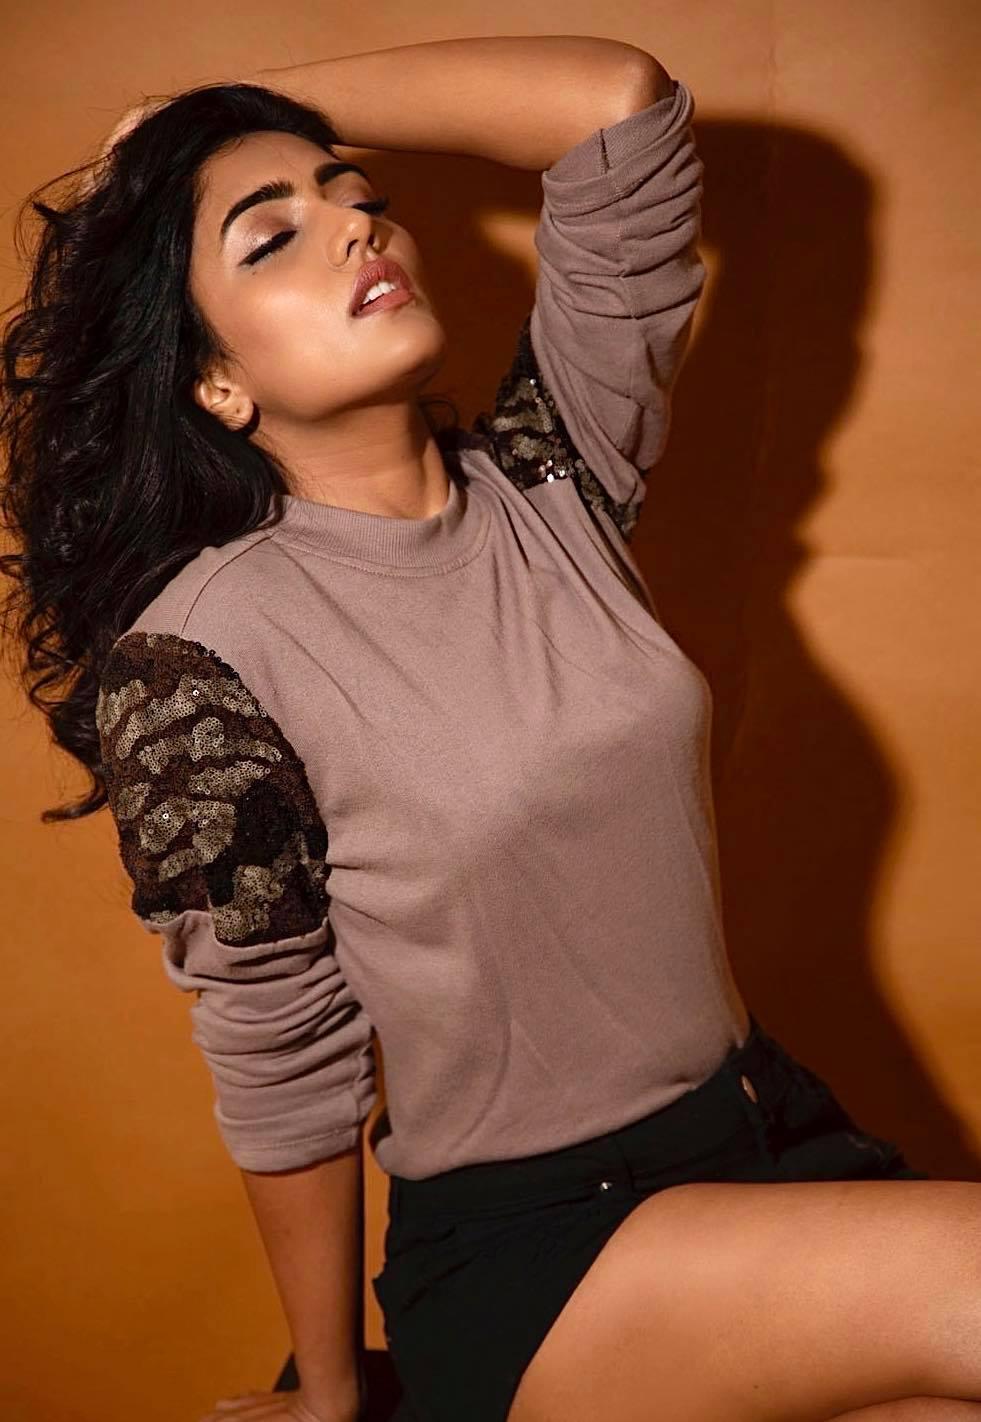 అఖిల్, పూజా హెగ్డేల 'మోస్ట్ ఎలిజిబుల్ బ్యాచిలర్' సినిమాలో కూడా కీలక పాత్రలో నటిస్తోంది. (eesha rebba hot/instagram)